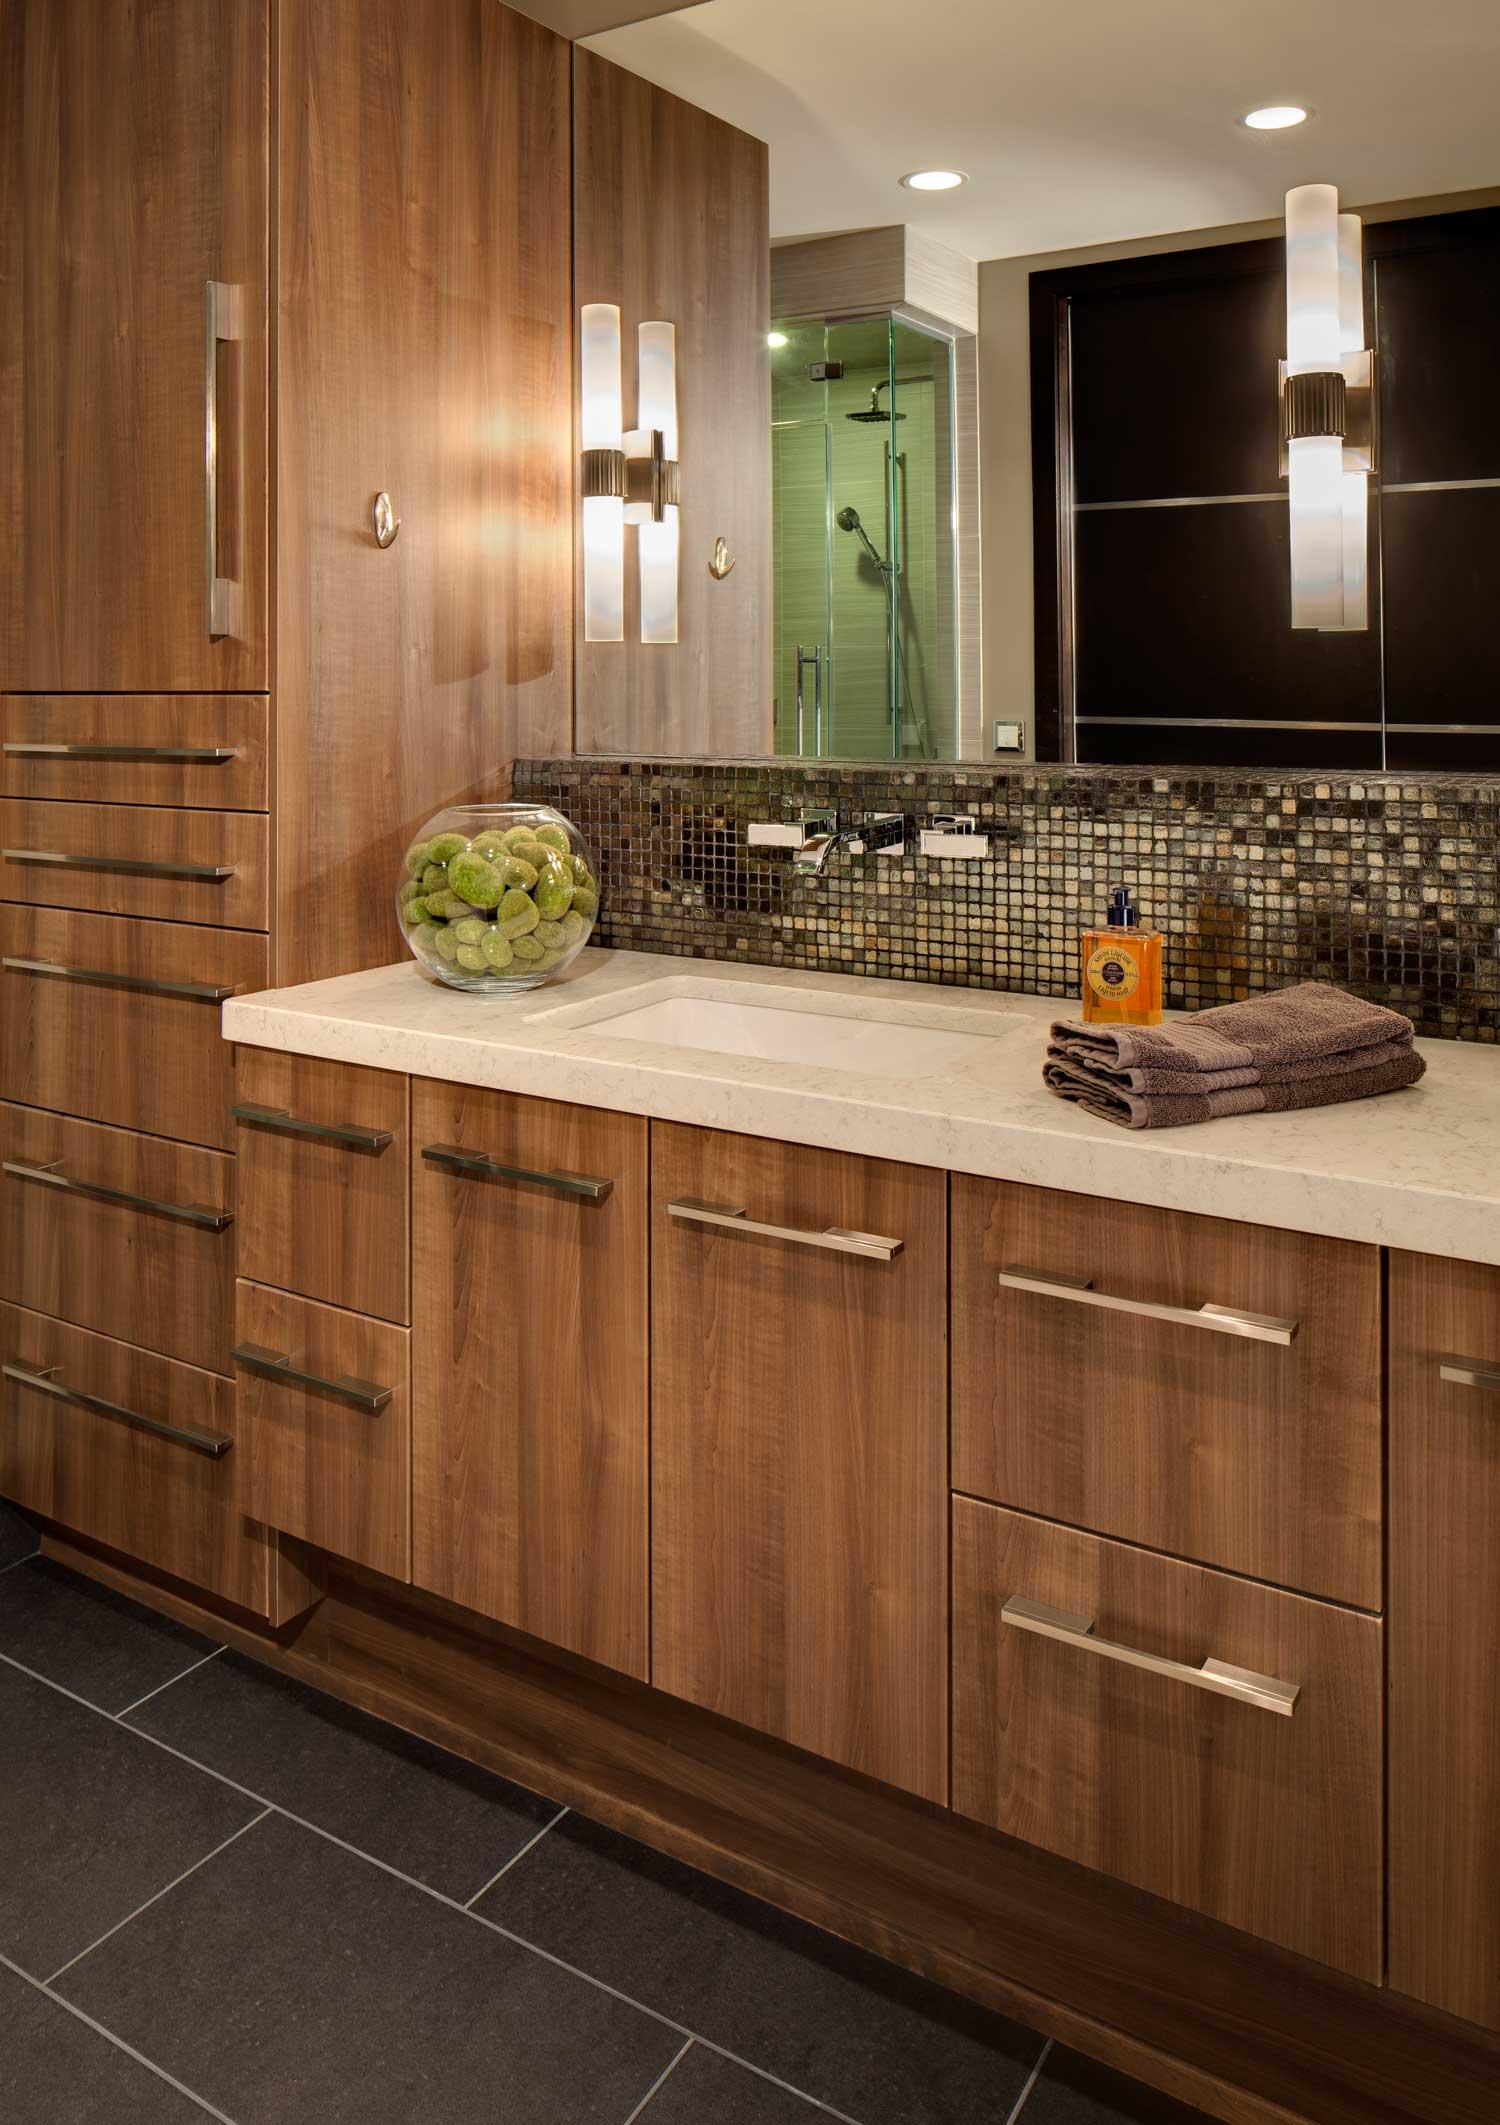 KHDB_Bathroom_Remodel_5555.jpg